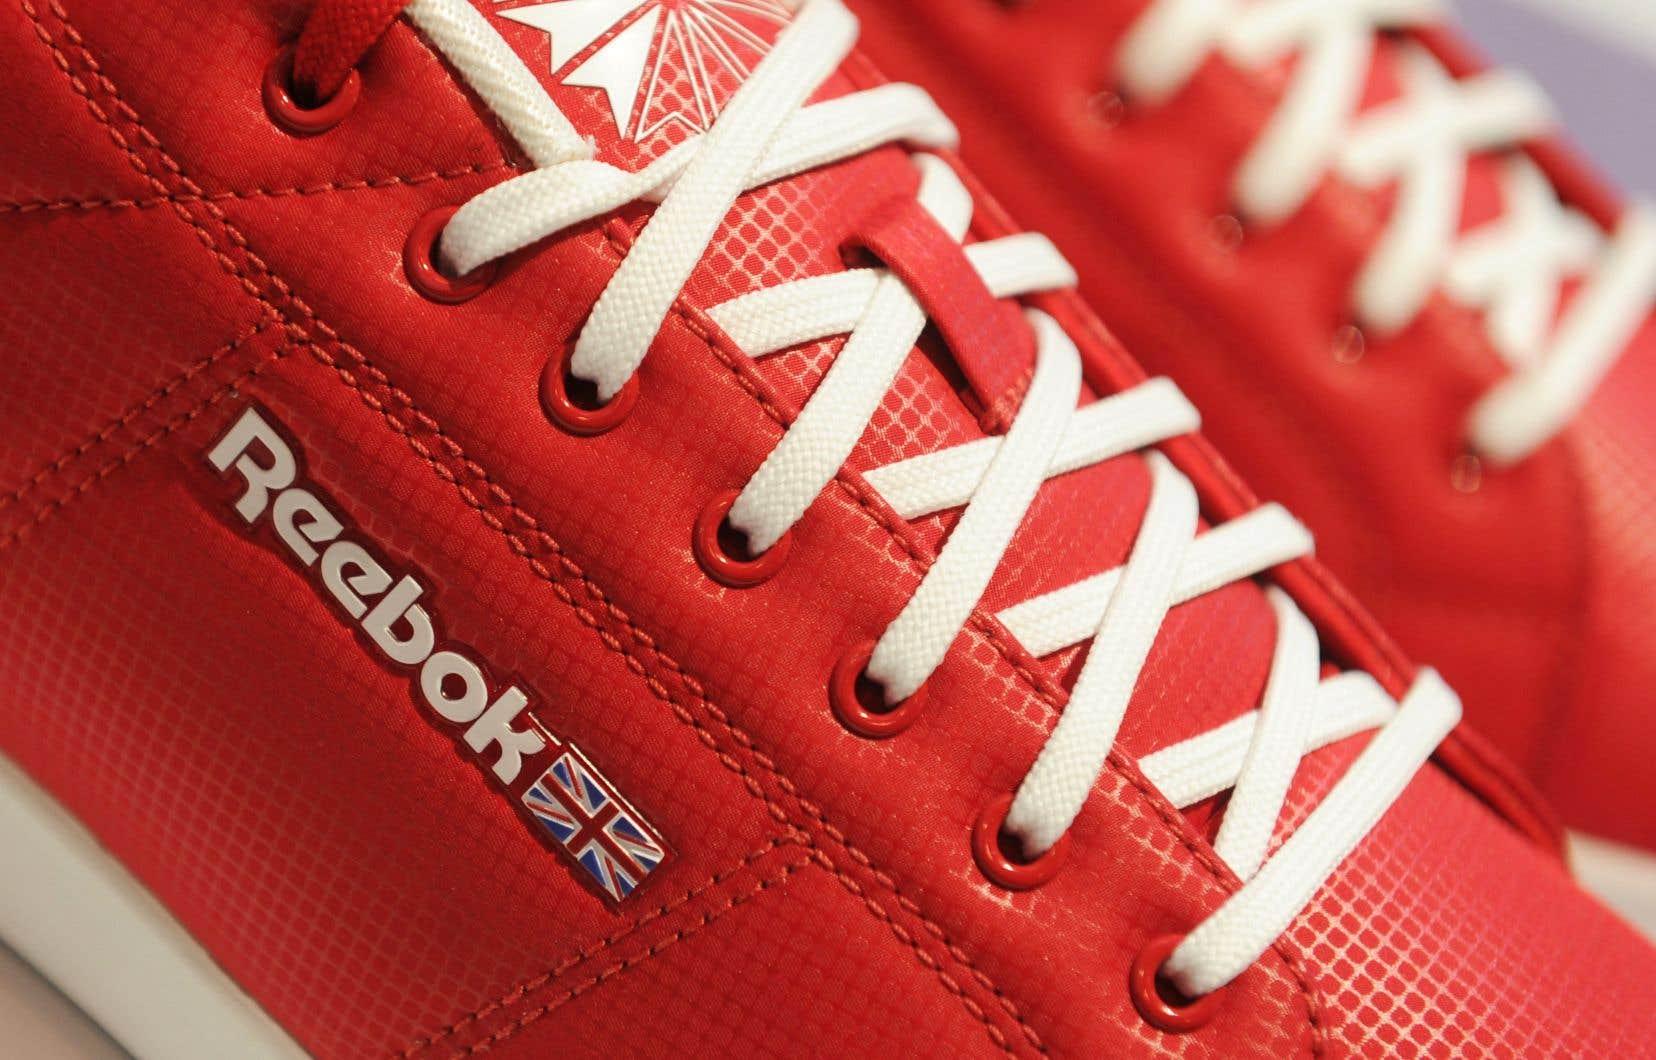 La valeur de Reebok au bilan d'Adidas pourrait du reste à nouveau subir un coup de brosse comptable dans les résultats annuels pour 2020 qui seront révélés le 10 mars.